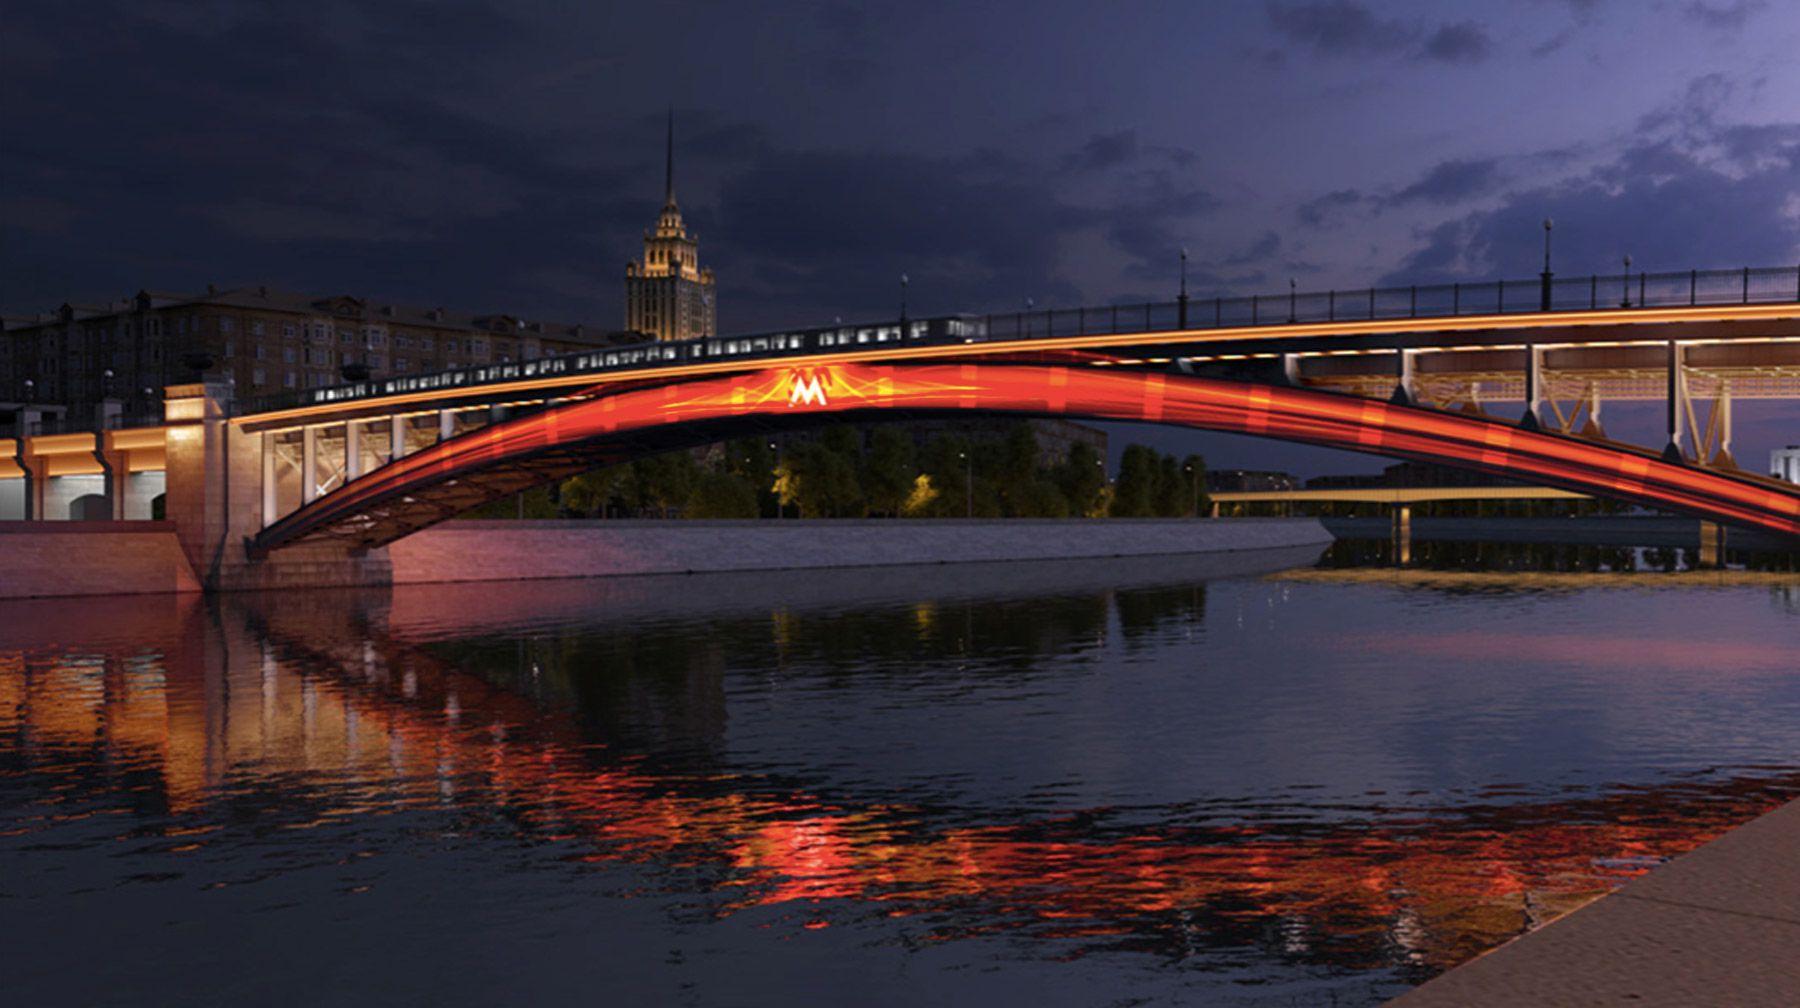 Светомузыкальные шоу на Смоленском мосту фото 1